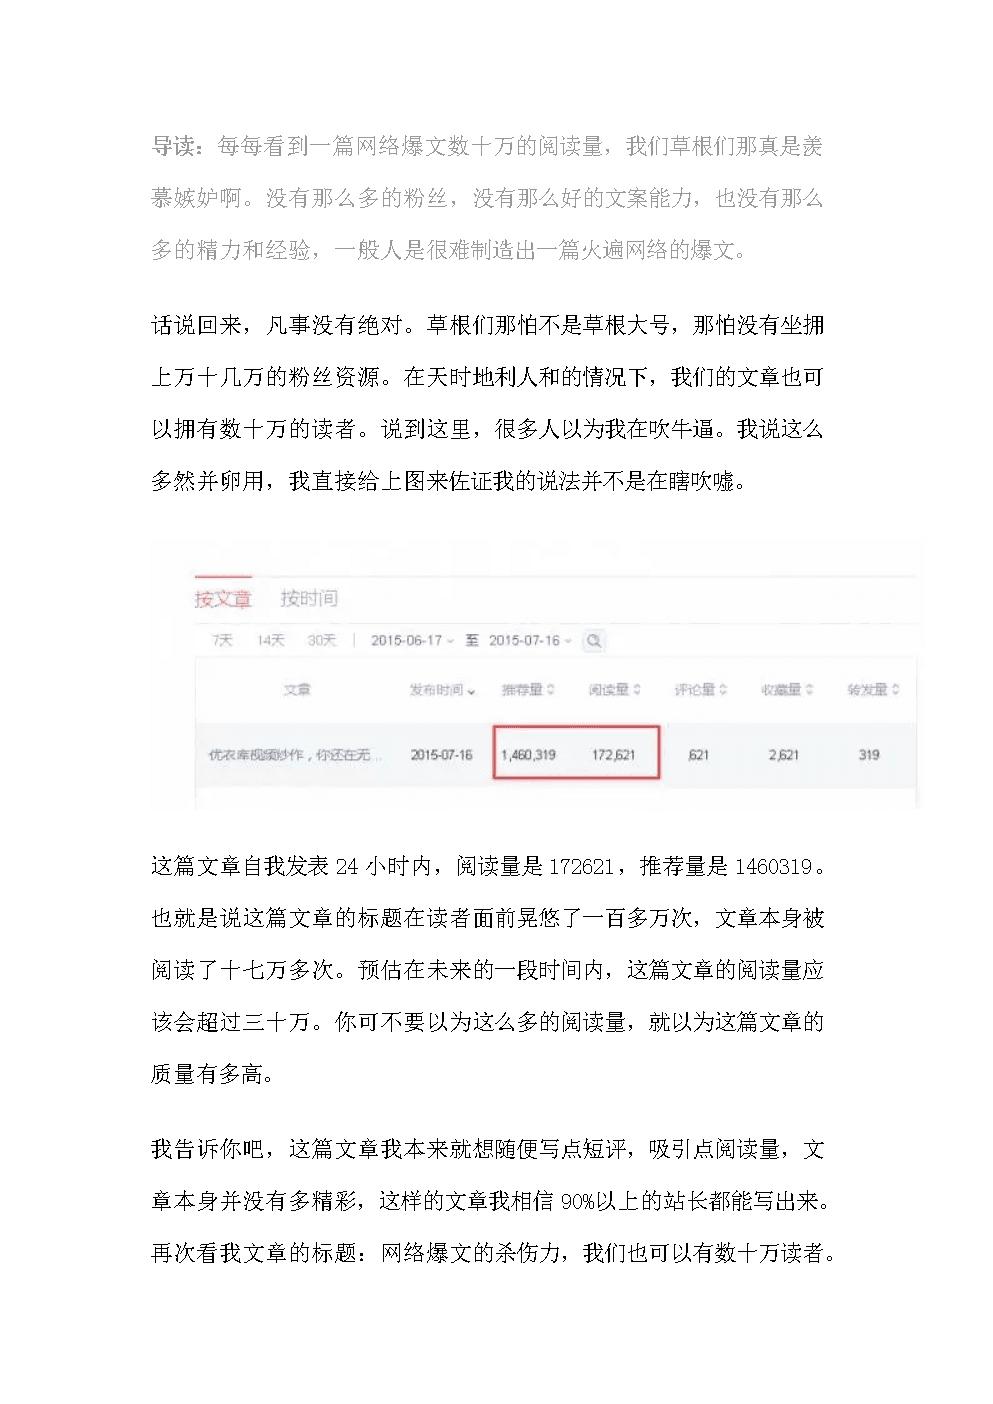 网络爆文瞬间拥有10万粉丝.doc